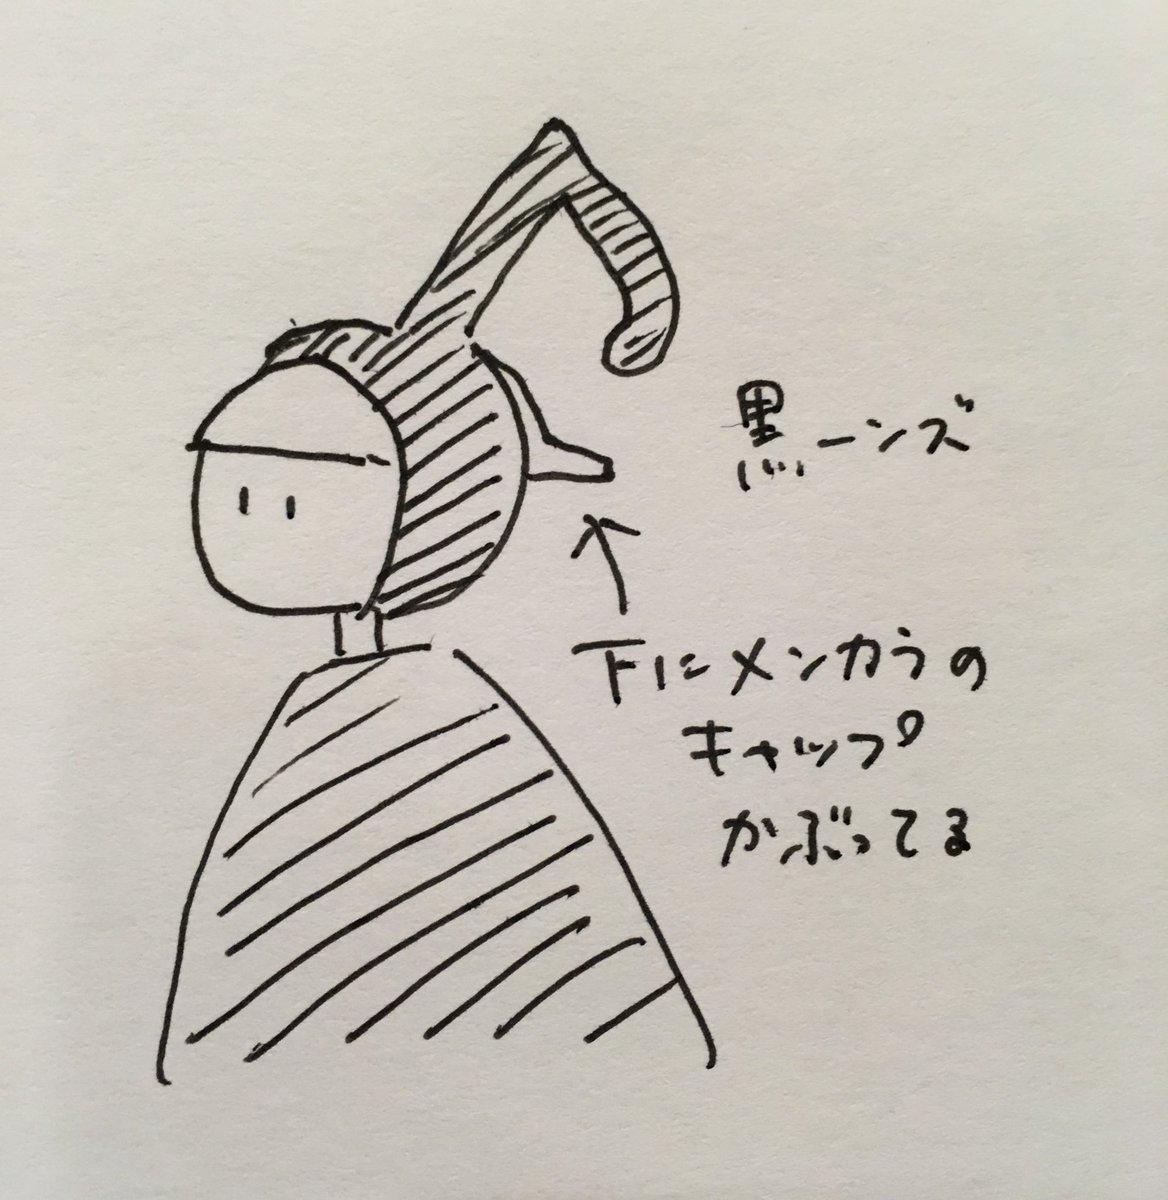 DGJMyNmUIAEdU_Q.jpg